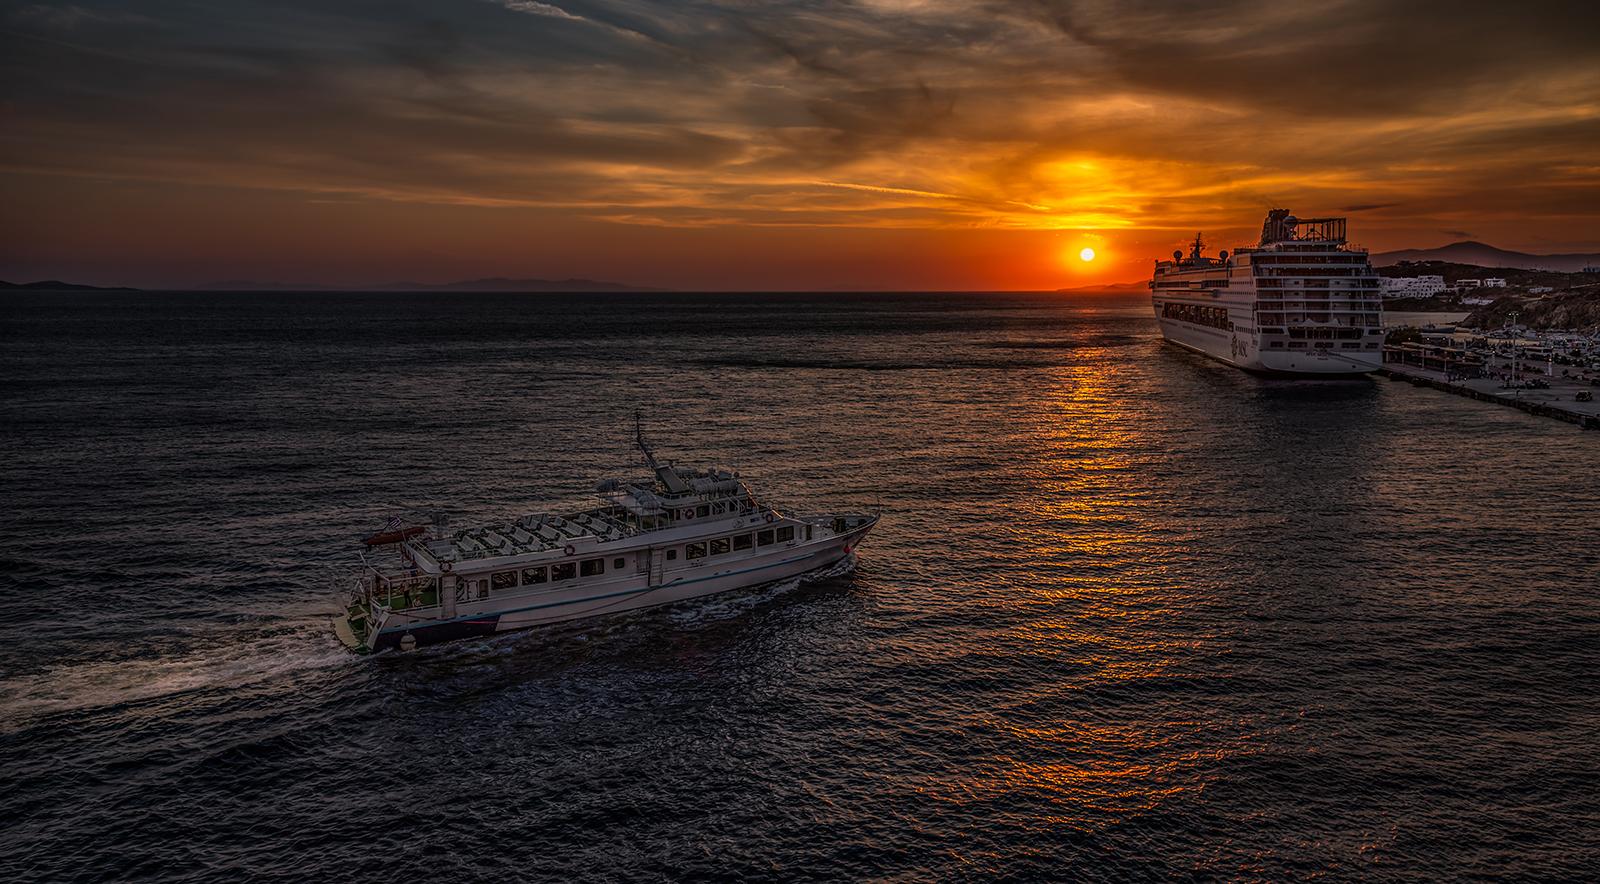 Photo in Travels | Author Красимир Лазаров - kdlaz | PHOTO FORUM